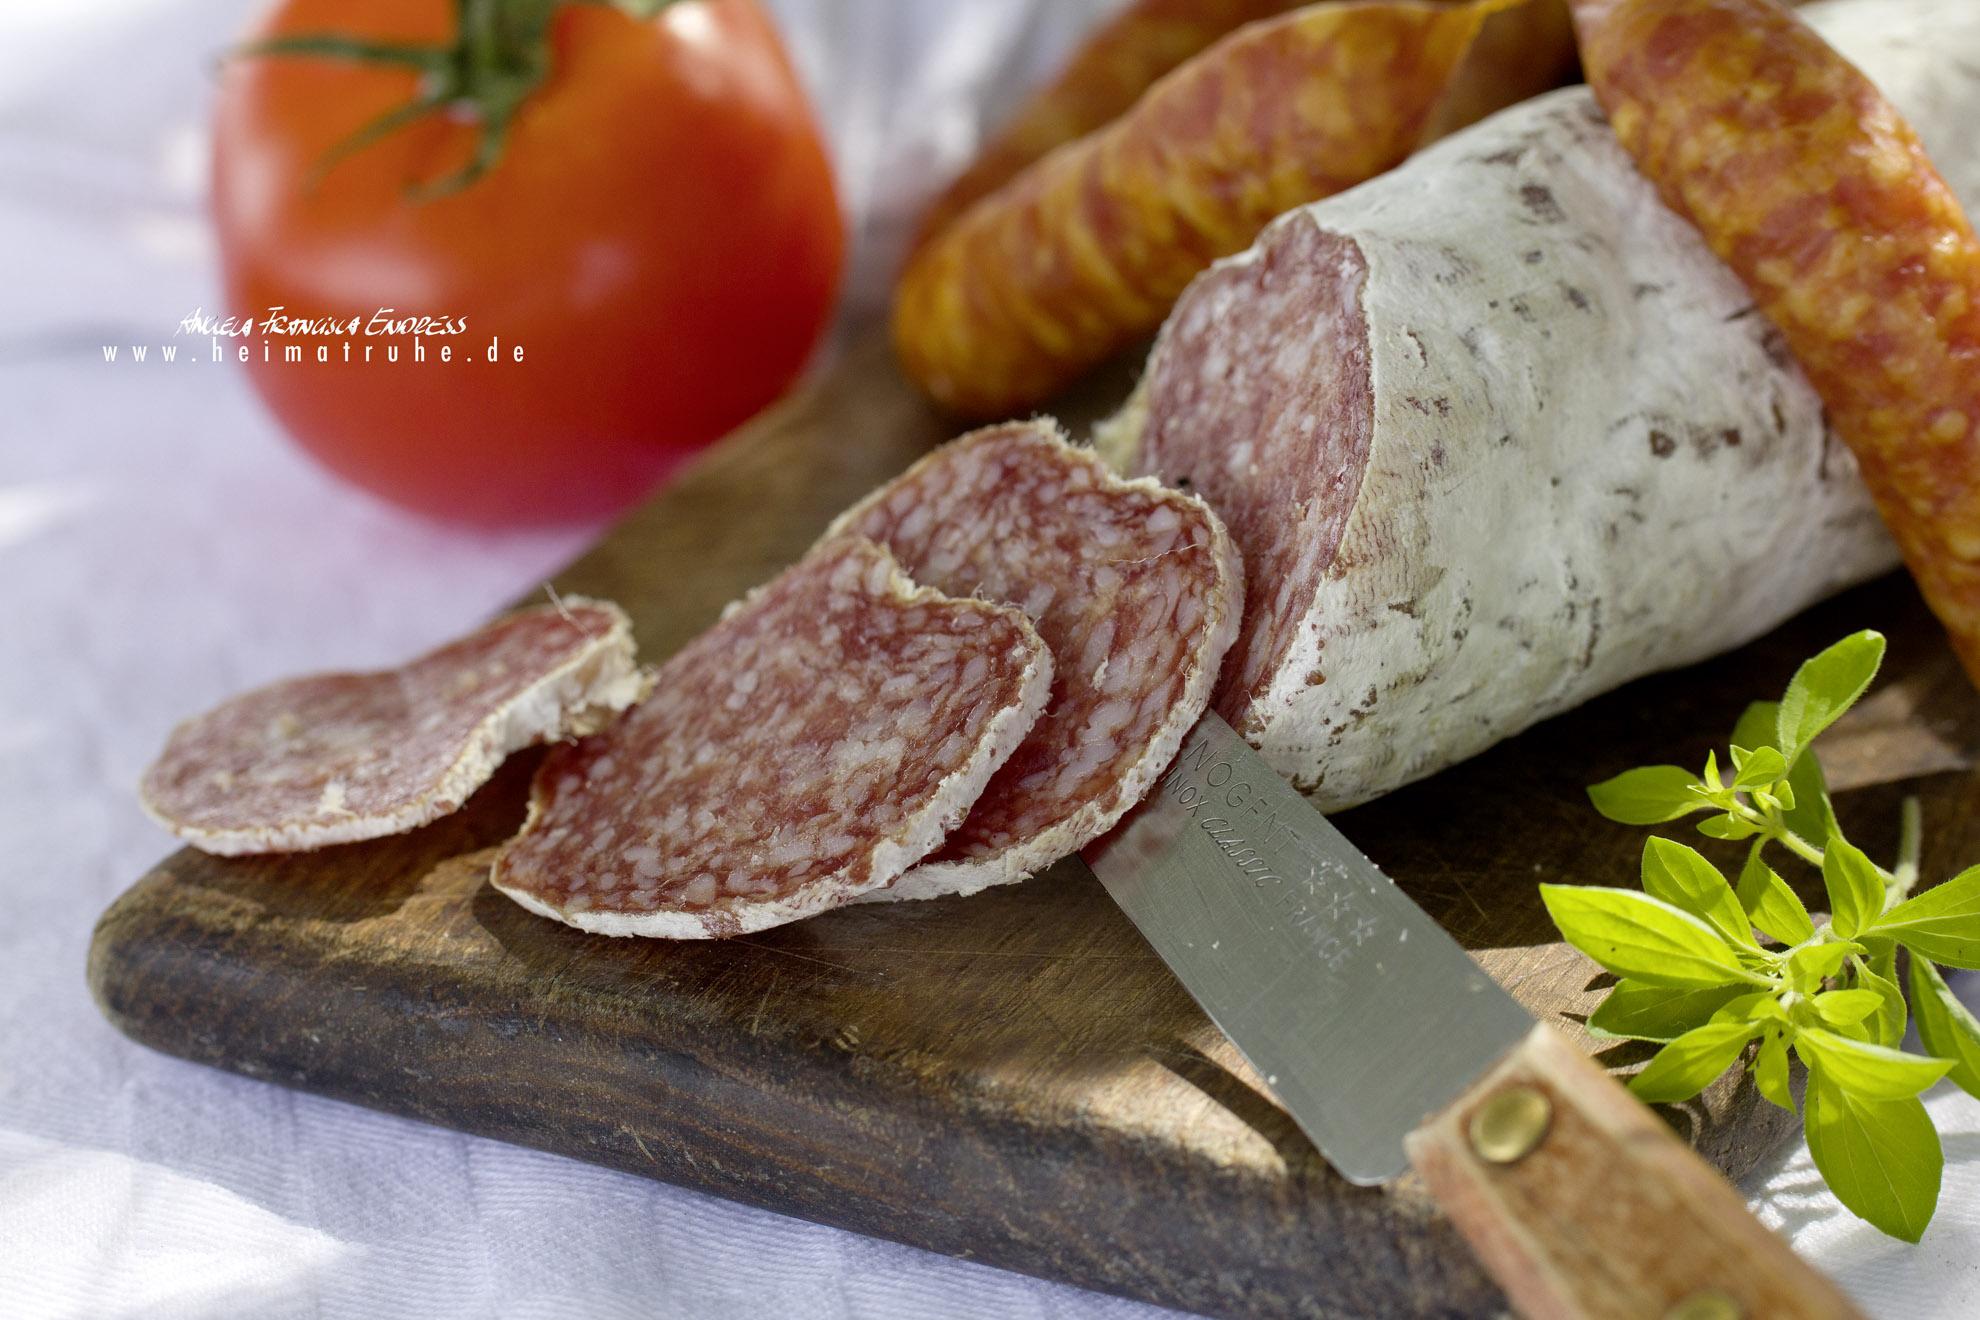 Salami wird in Scheiben geschnitten, Tomate